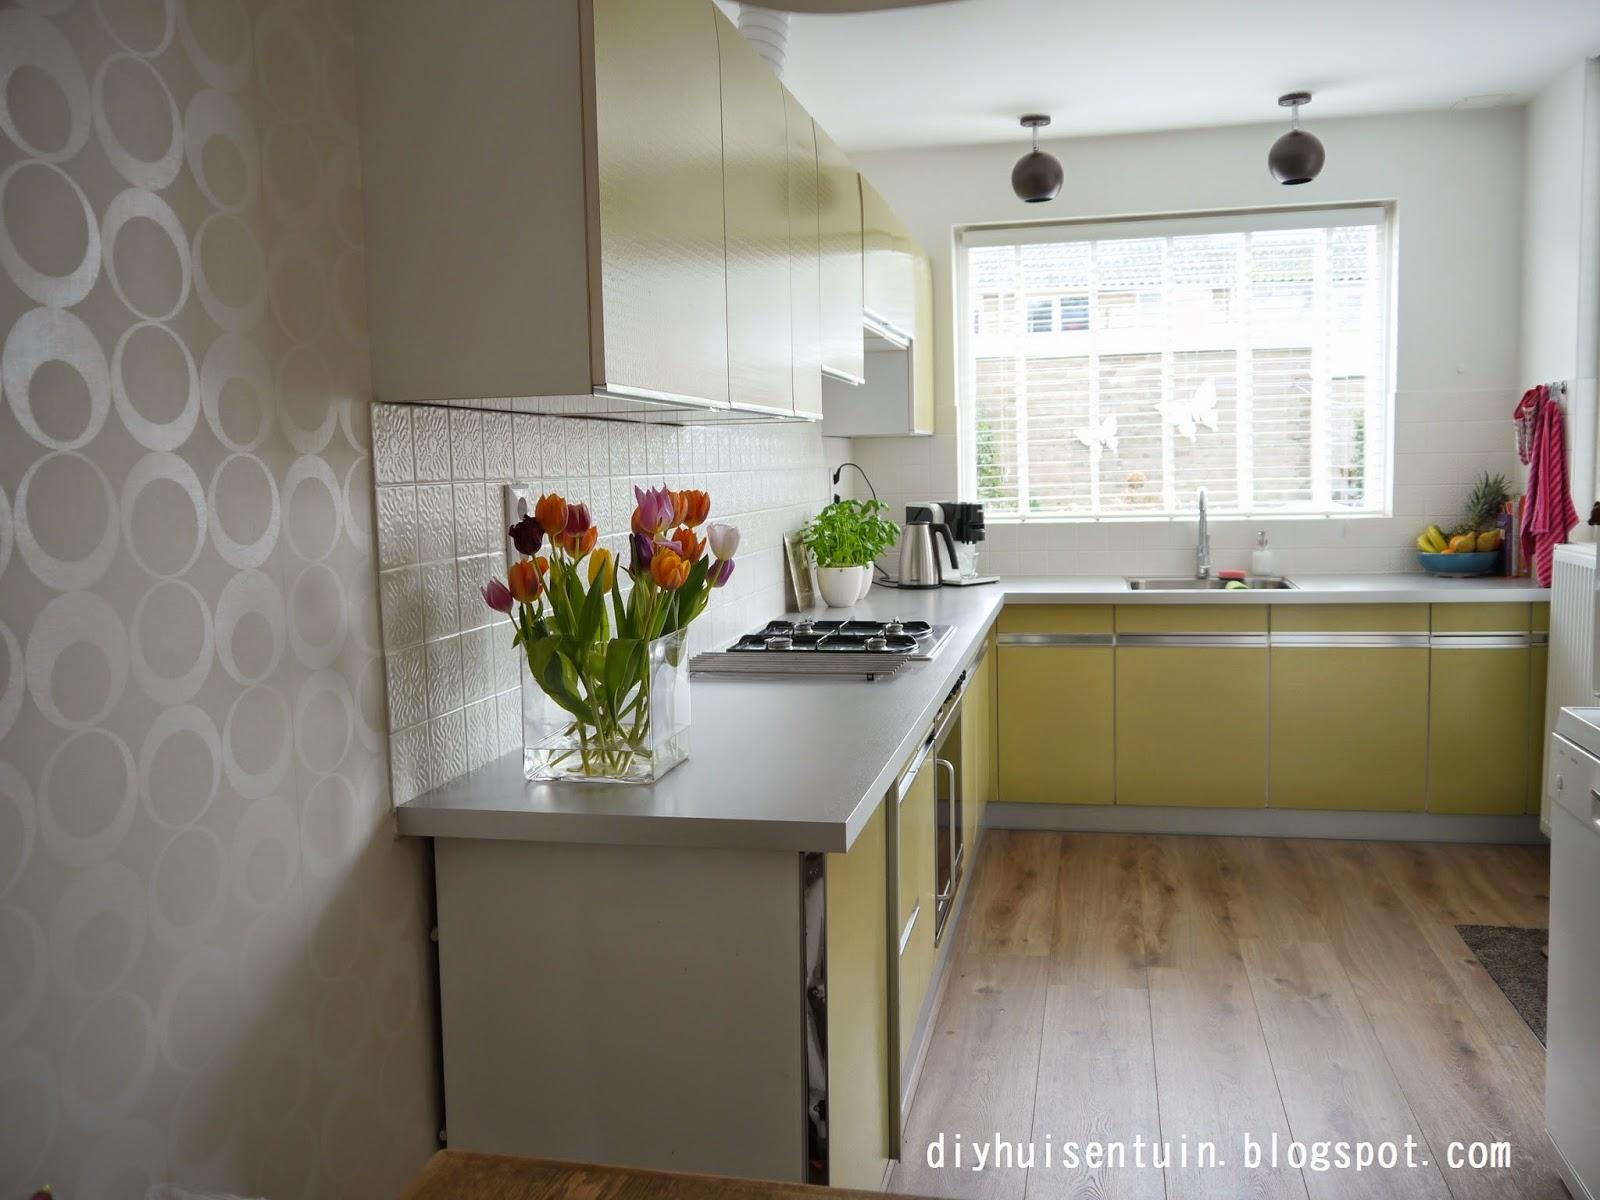 keuken tegels ontvetten : Huis Tuin En Mama De Verbouwing Beneden De Keuken